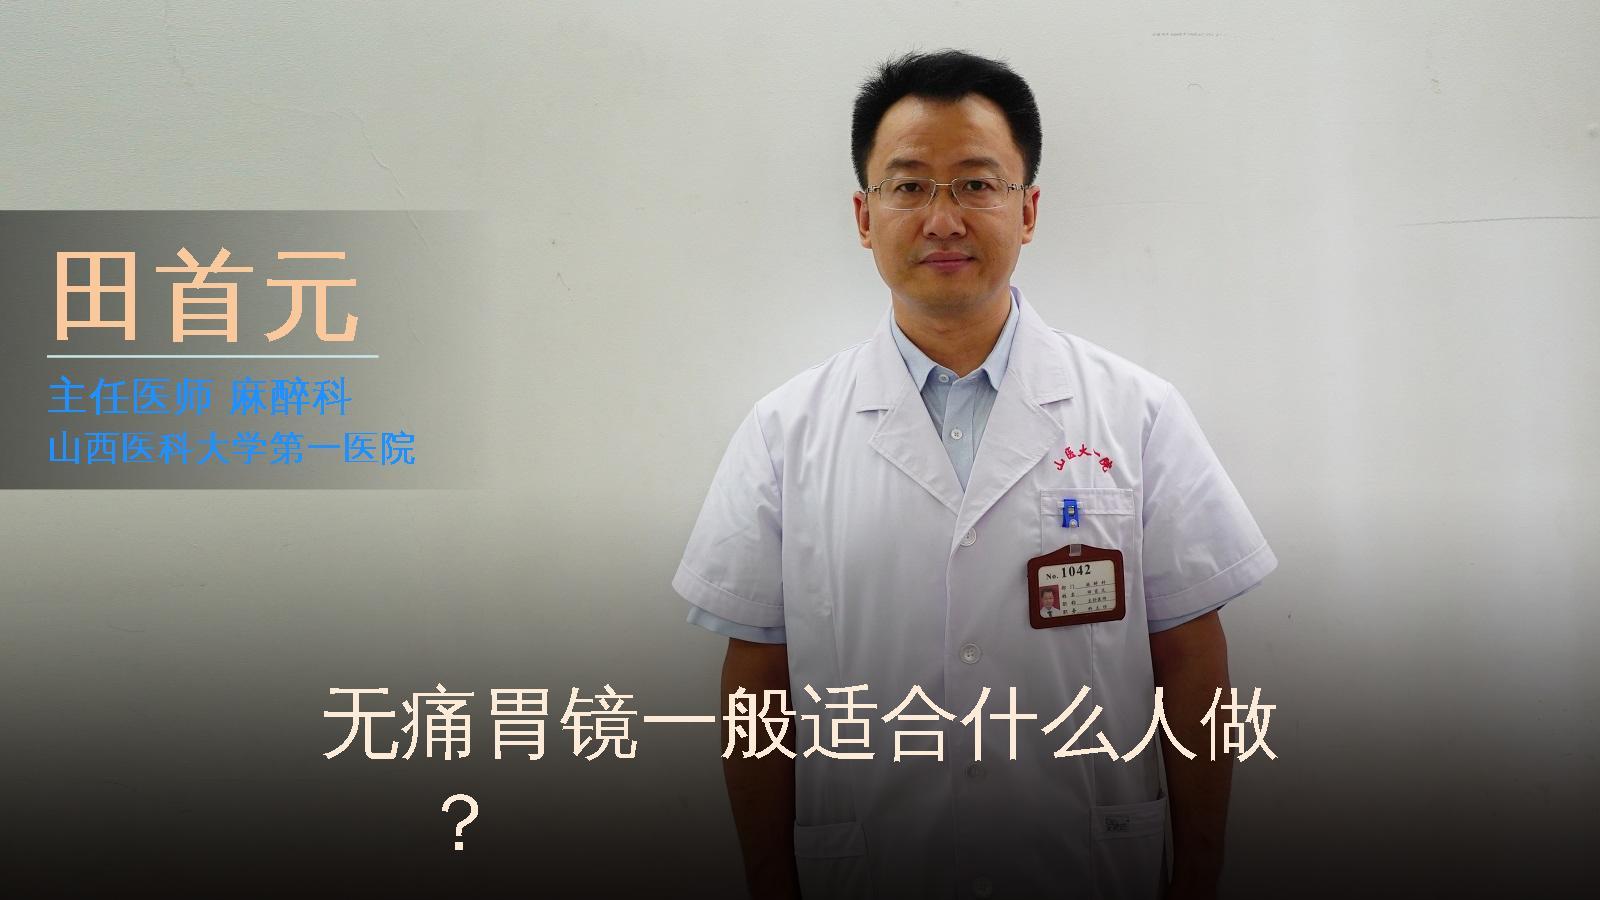 无痛胃镜一般适合什么人做?